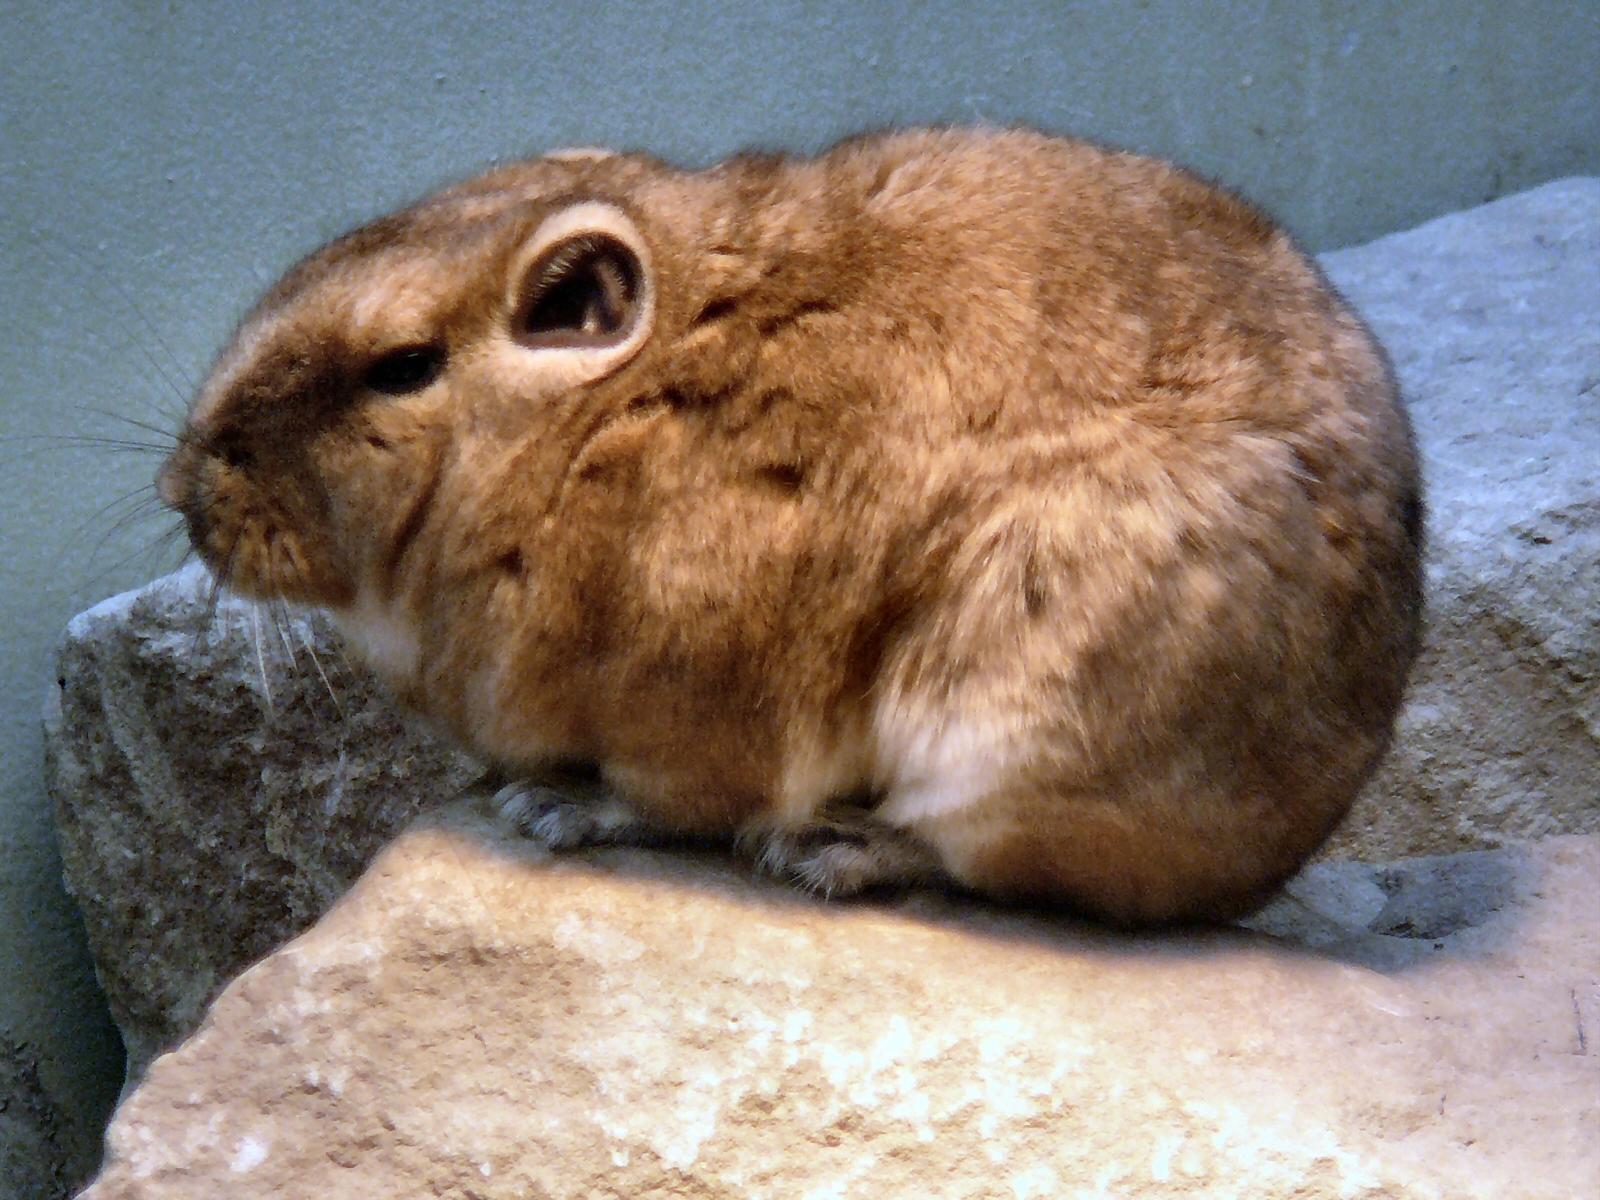 https://upload.wikimedia.org/wikipedia/commons/6/65/Ctenodactylus_gundi-1-WilhelmaZoo-Stuttgart.JPG